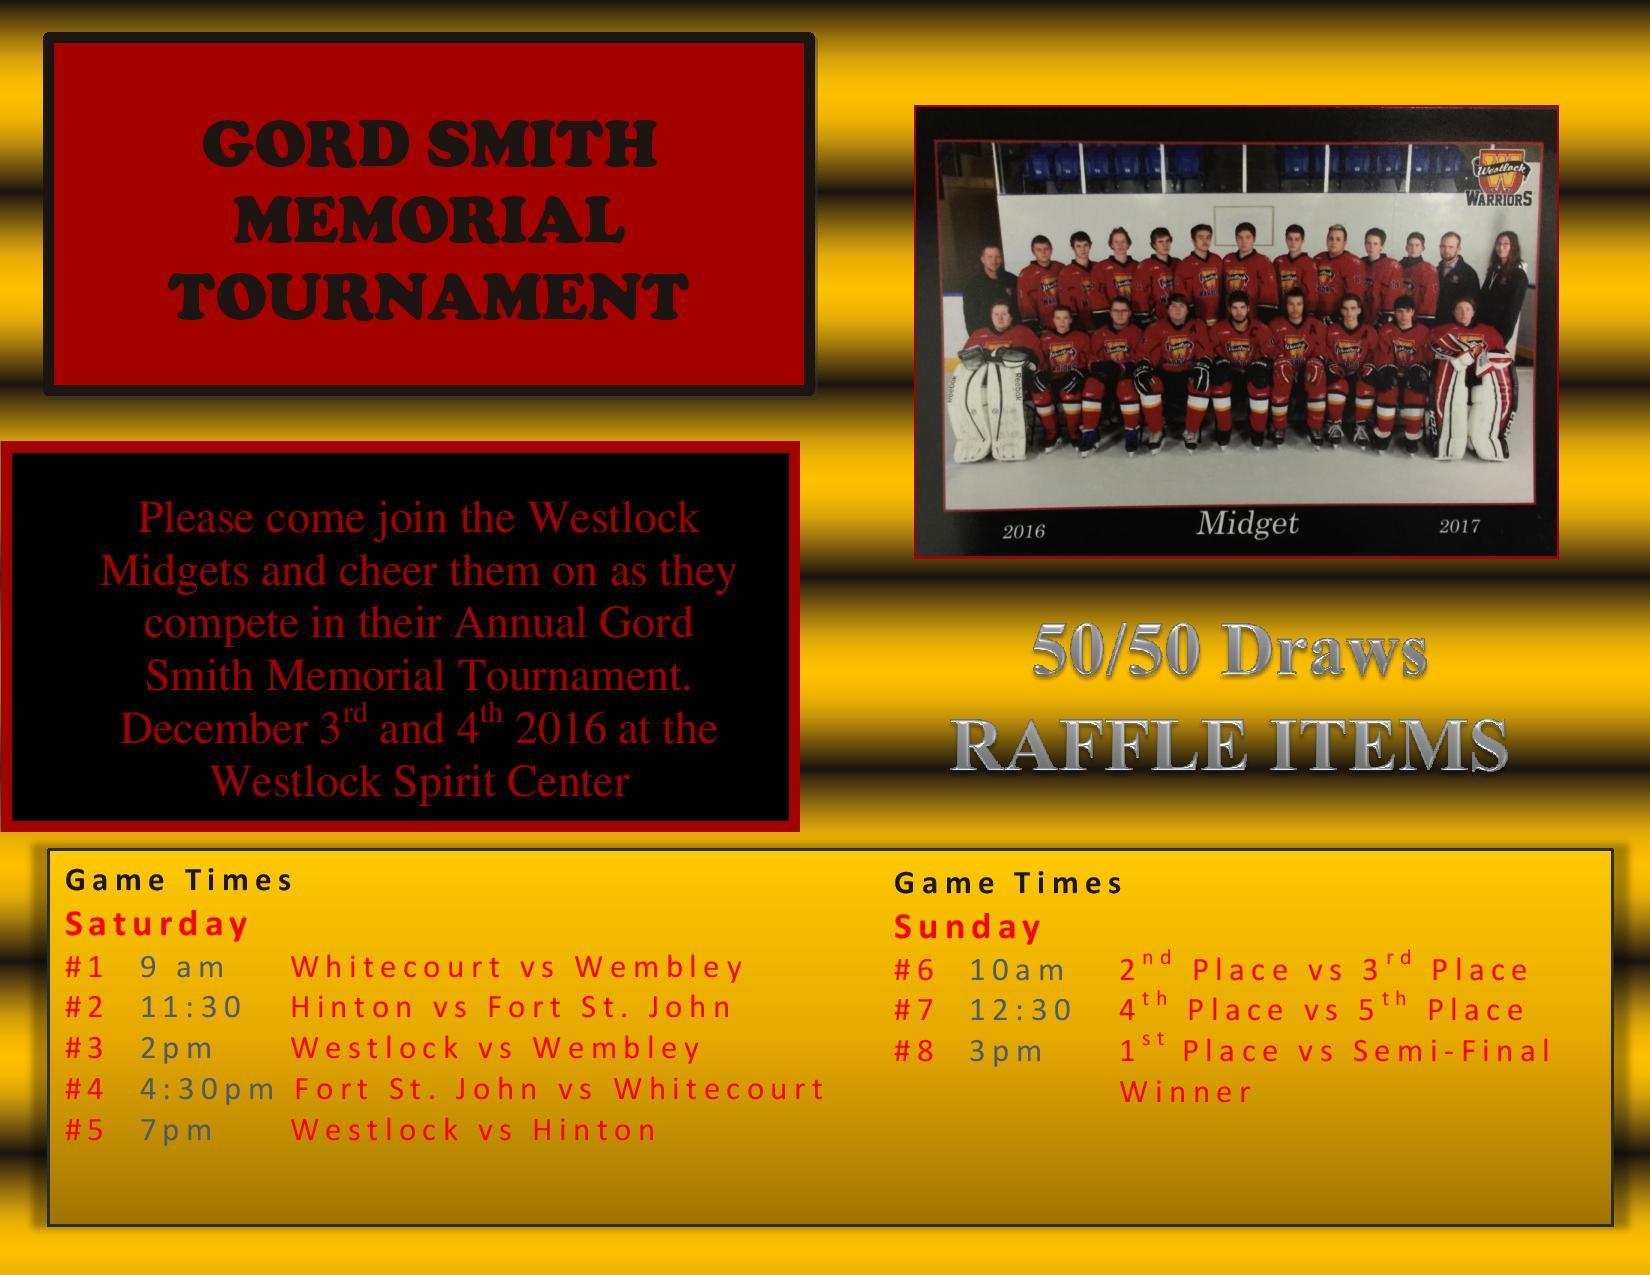 Gordon Smith Memorial Tournament